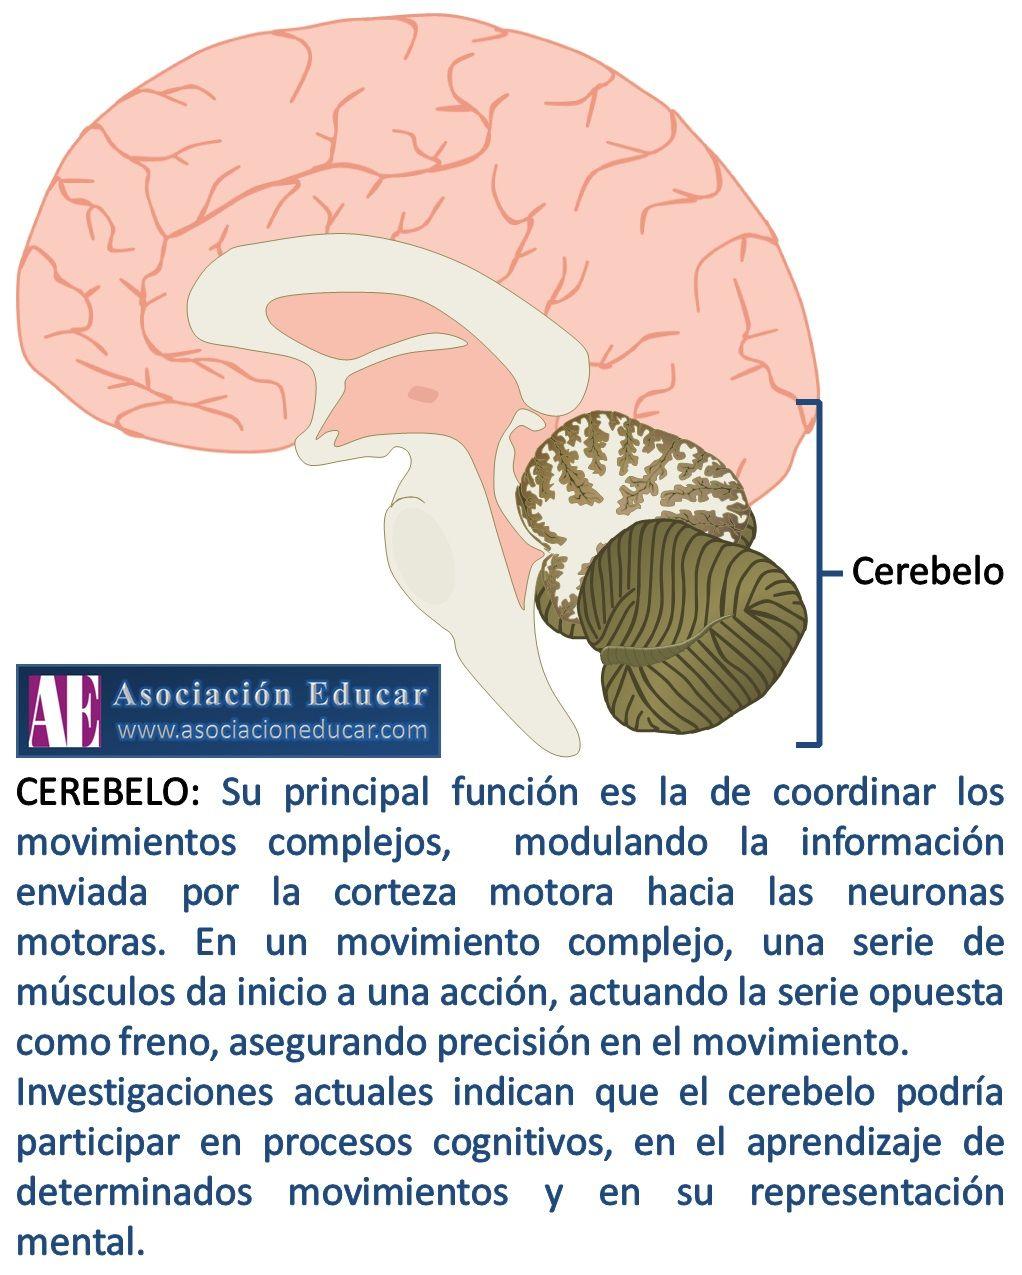 Cerebelo - Asociación Educar - Ciencias y Neurociencias aplicadas al ...